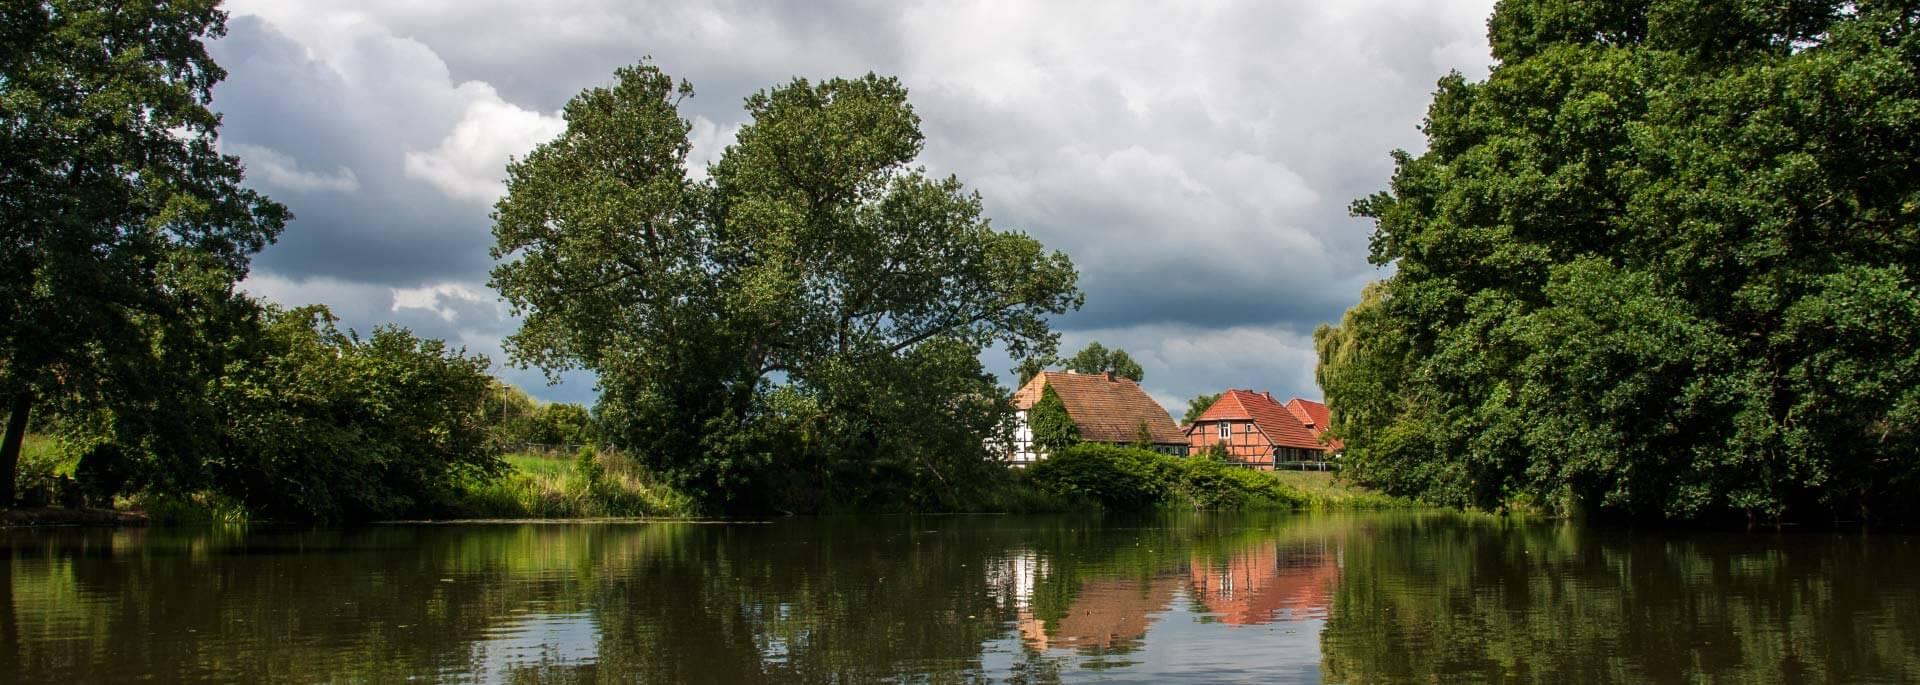 Fotos: Durch Brandenburg an Elbe und Löcknitz